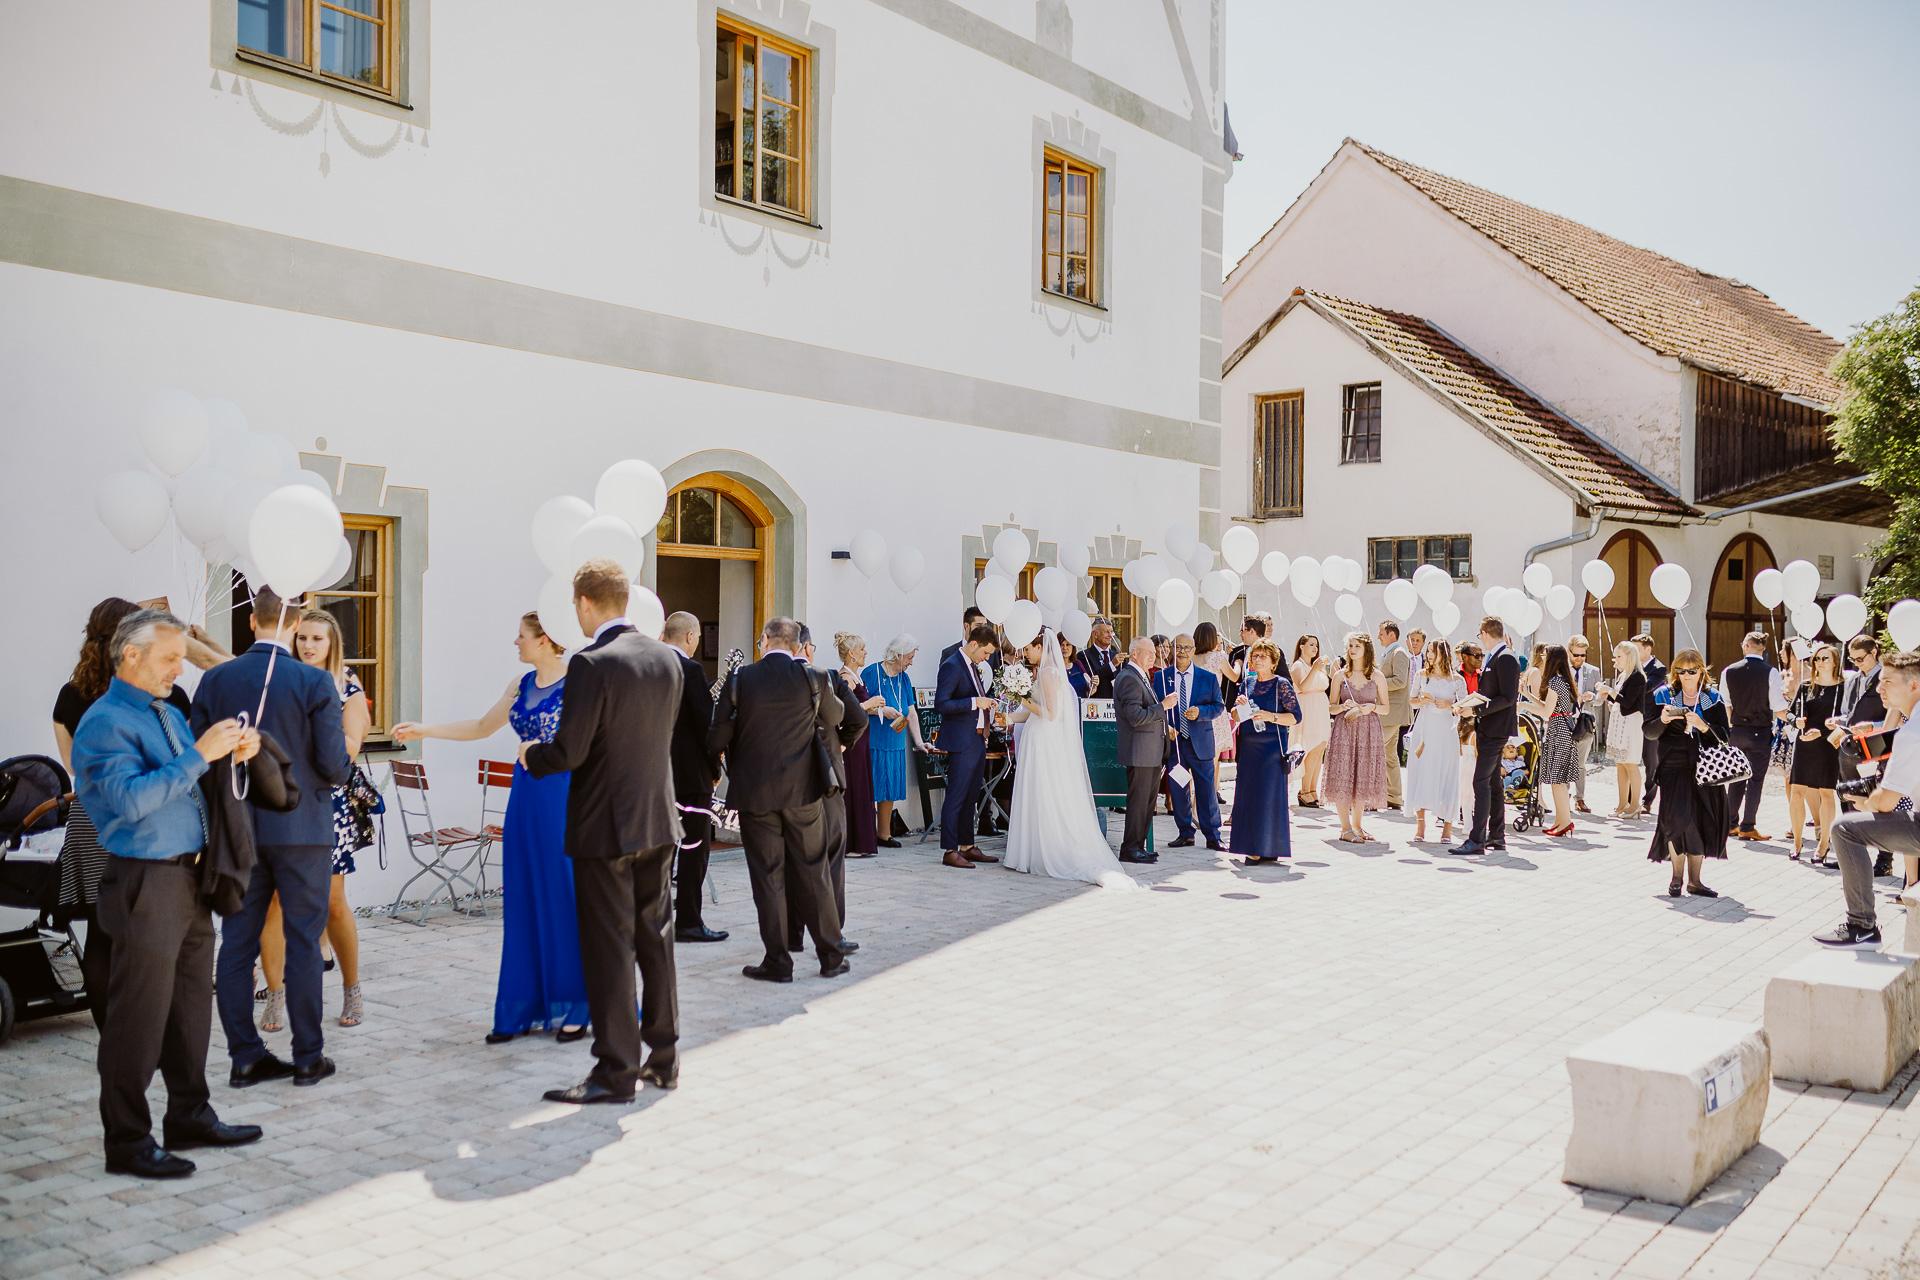 Alexander Utz, Fotografie, Hochzeit, Augsburg, Brautkleid, Brautstrauss-64